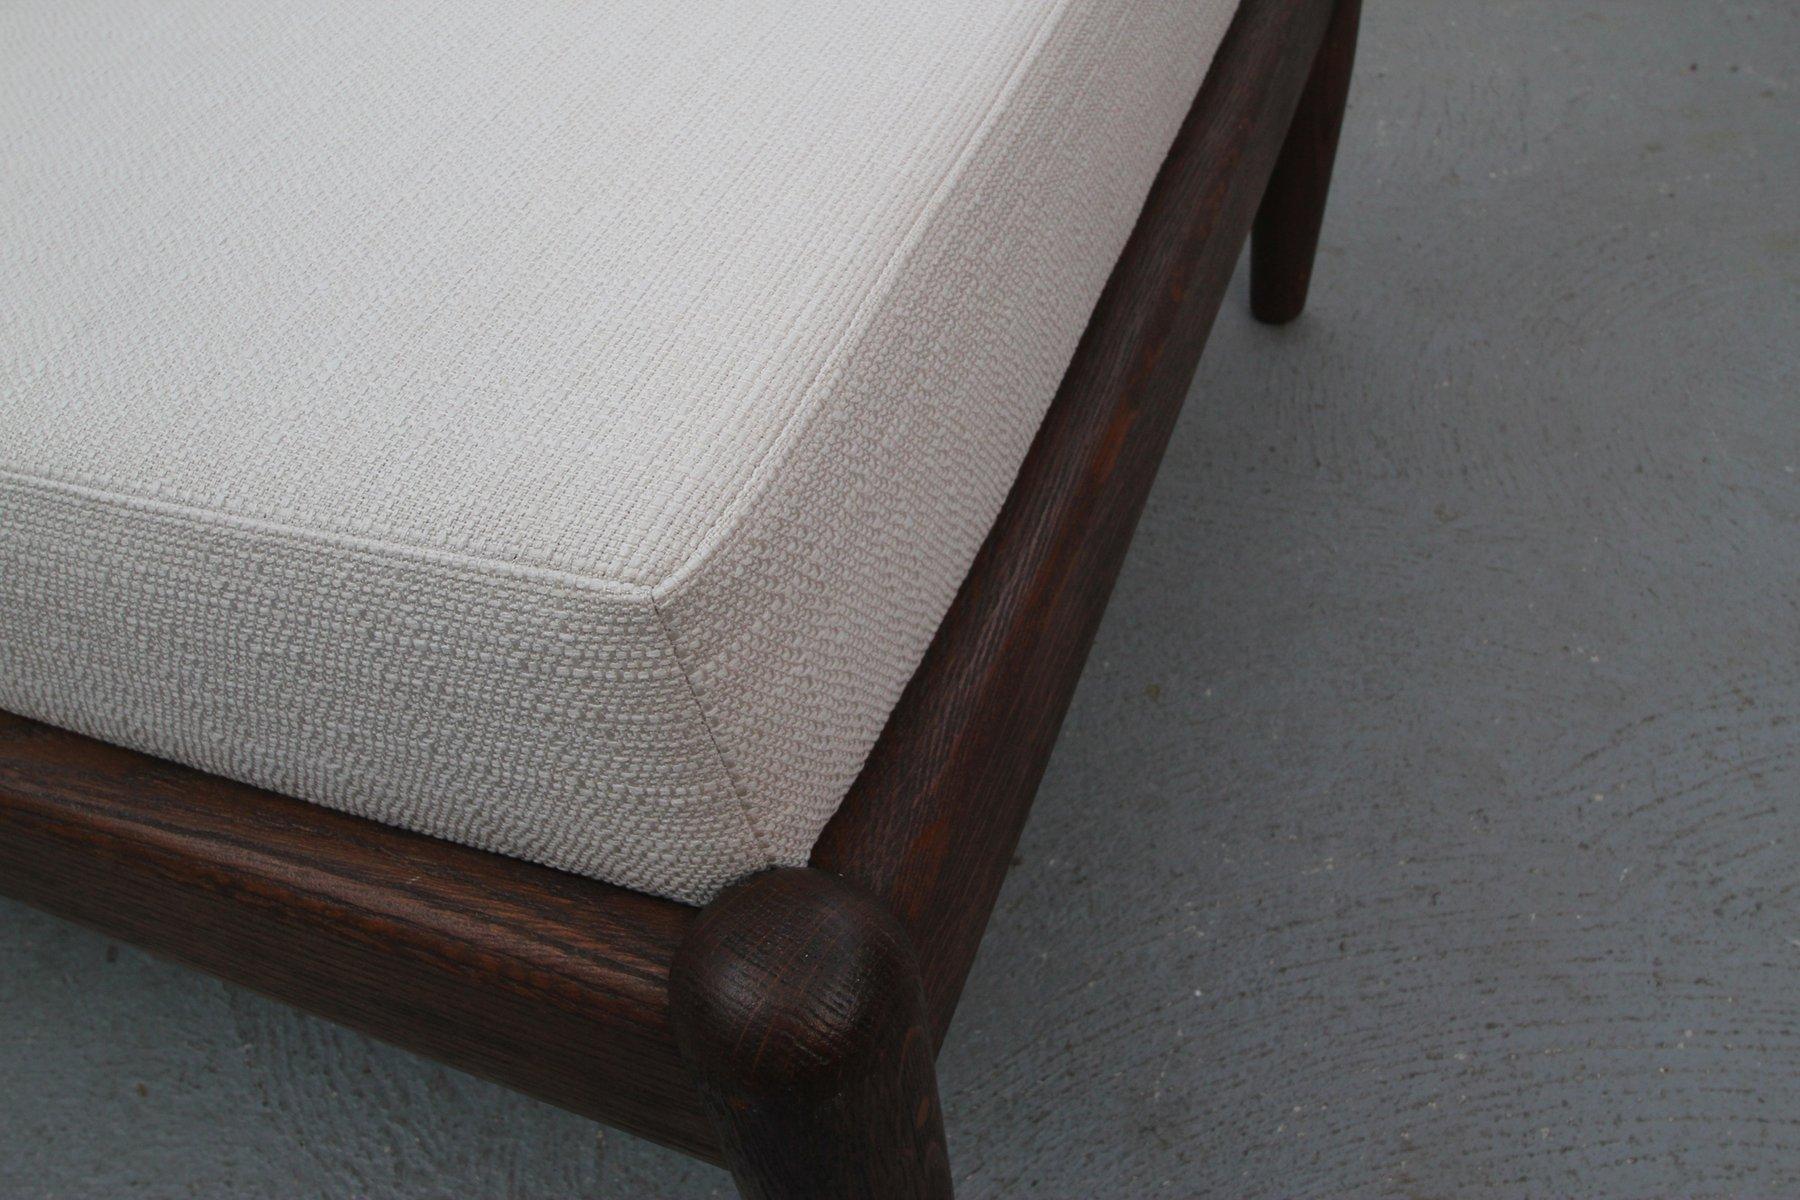 deutscher beiger polsterstuhl aus dunkler eiche 1950er. Black Bedroom Furniture Sets. Home Design Ideas